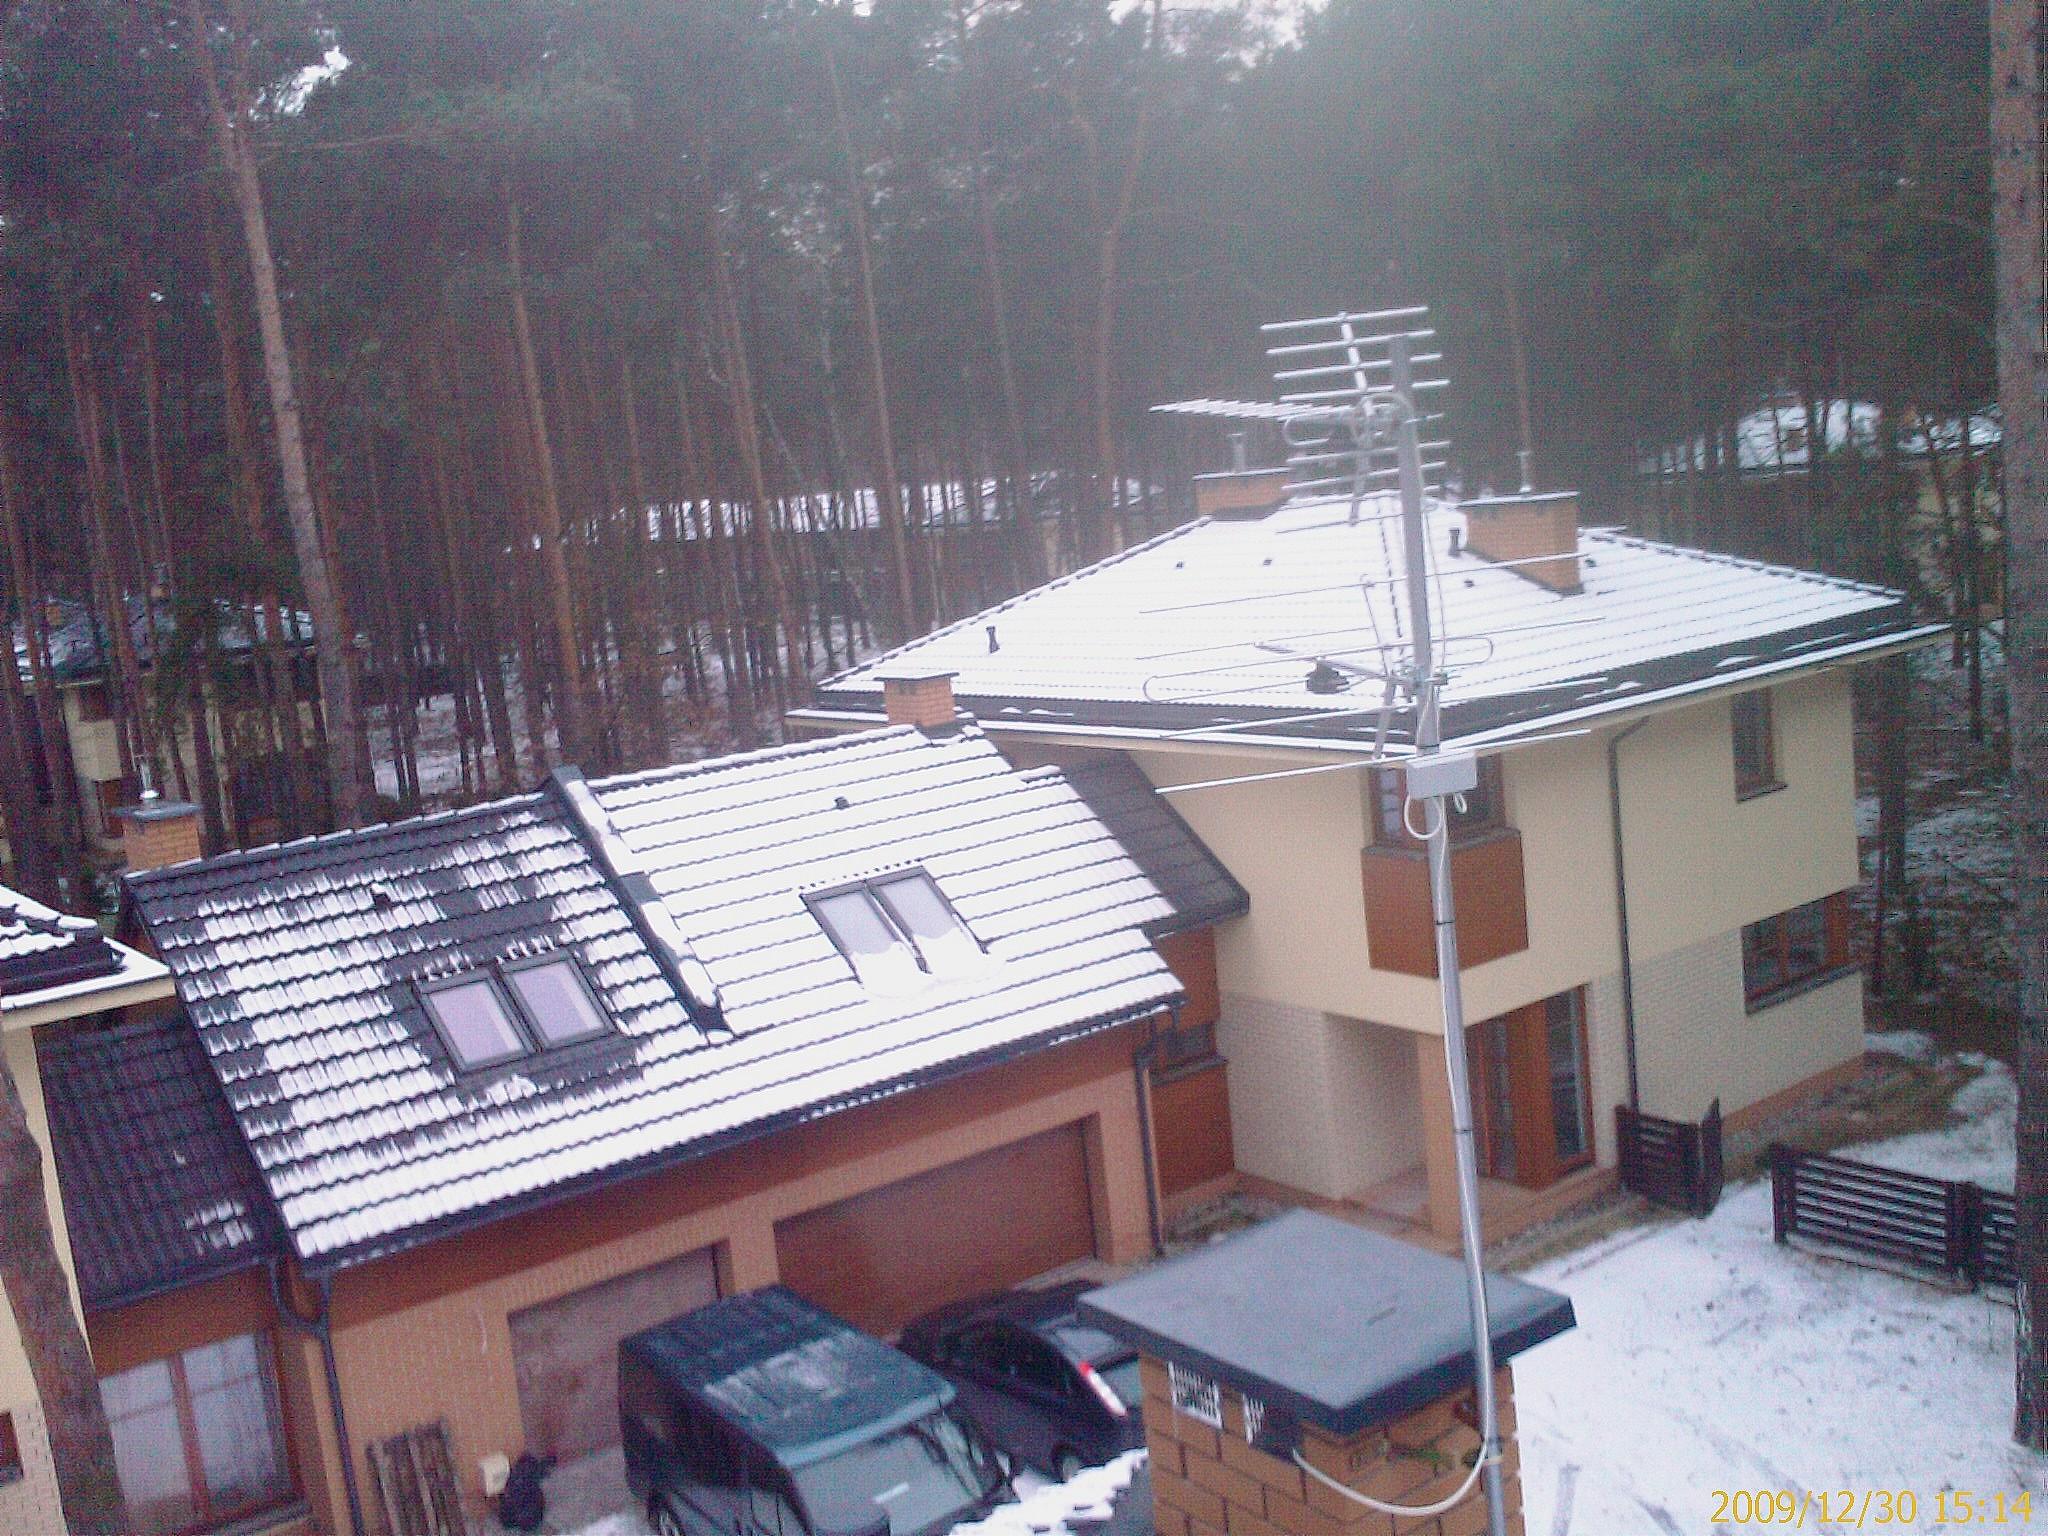 instalacja_tv-sat_warszawa_instalacja_antenowa_w_domu_jednorodzinnym